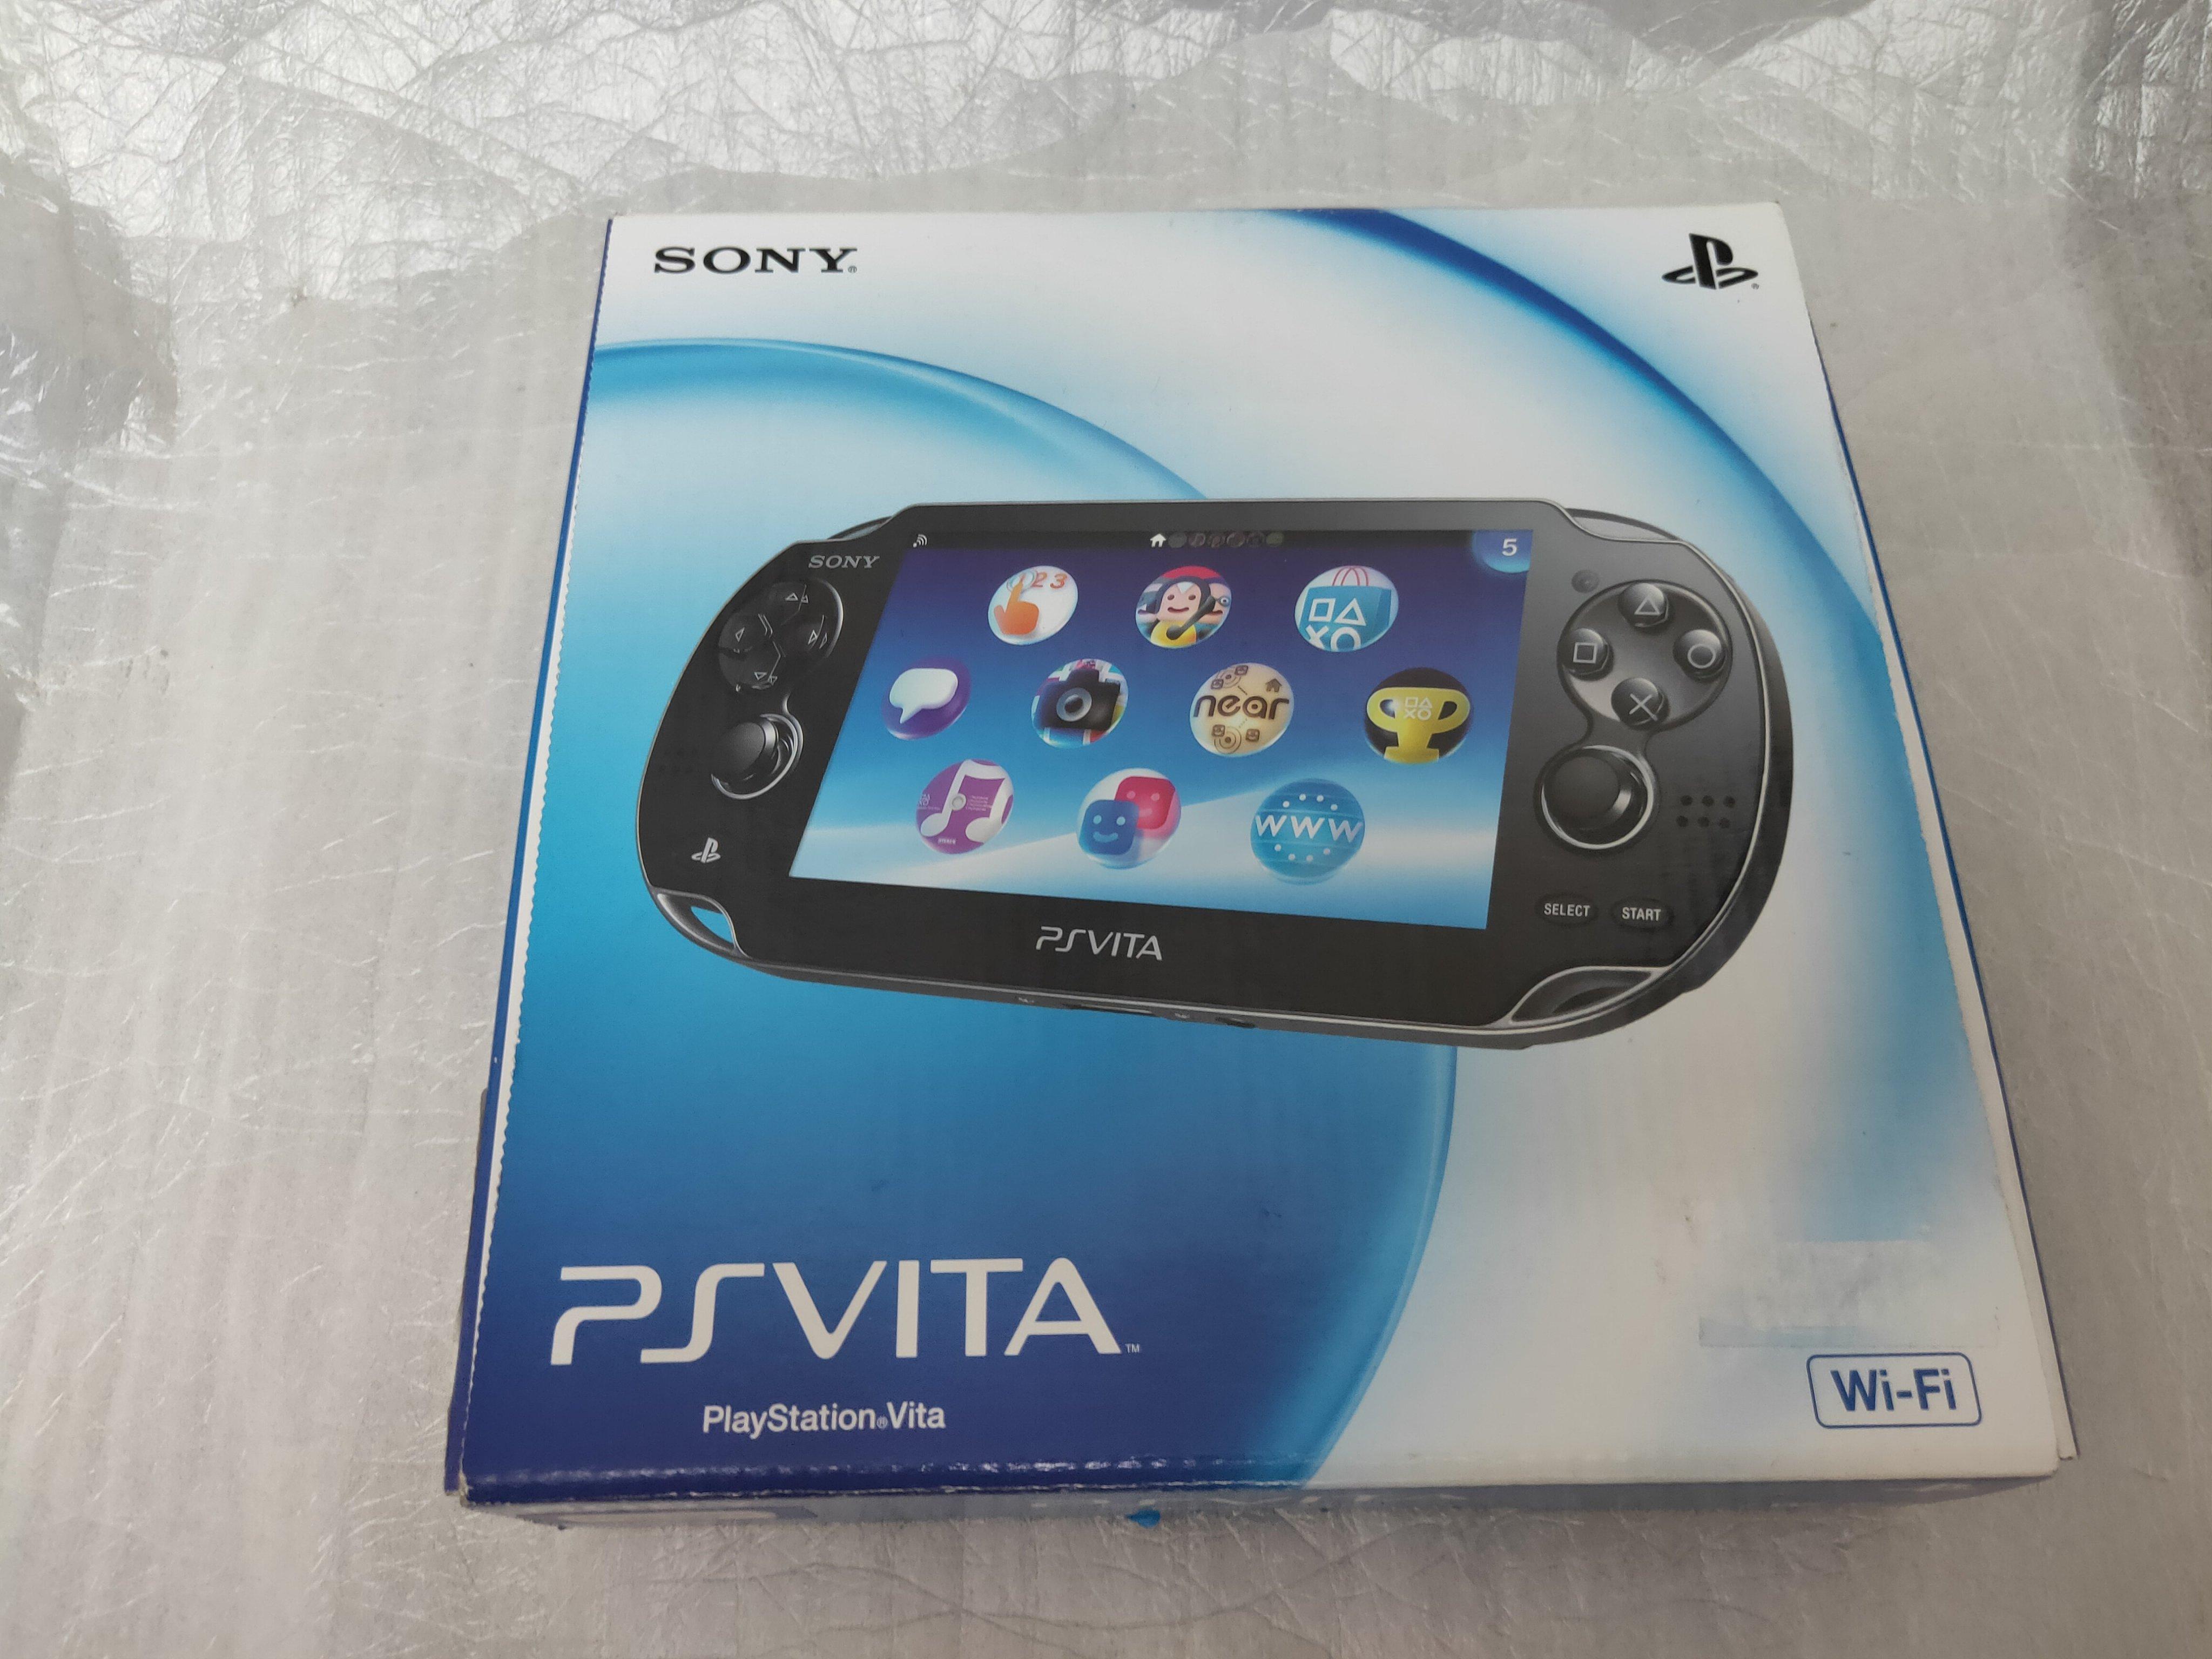 【電腦零件補給站】Sony PlayStation Vita PCH-1000 遊戲機  5英吋多點觸控螢幕 9成新